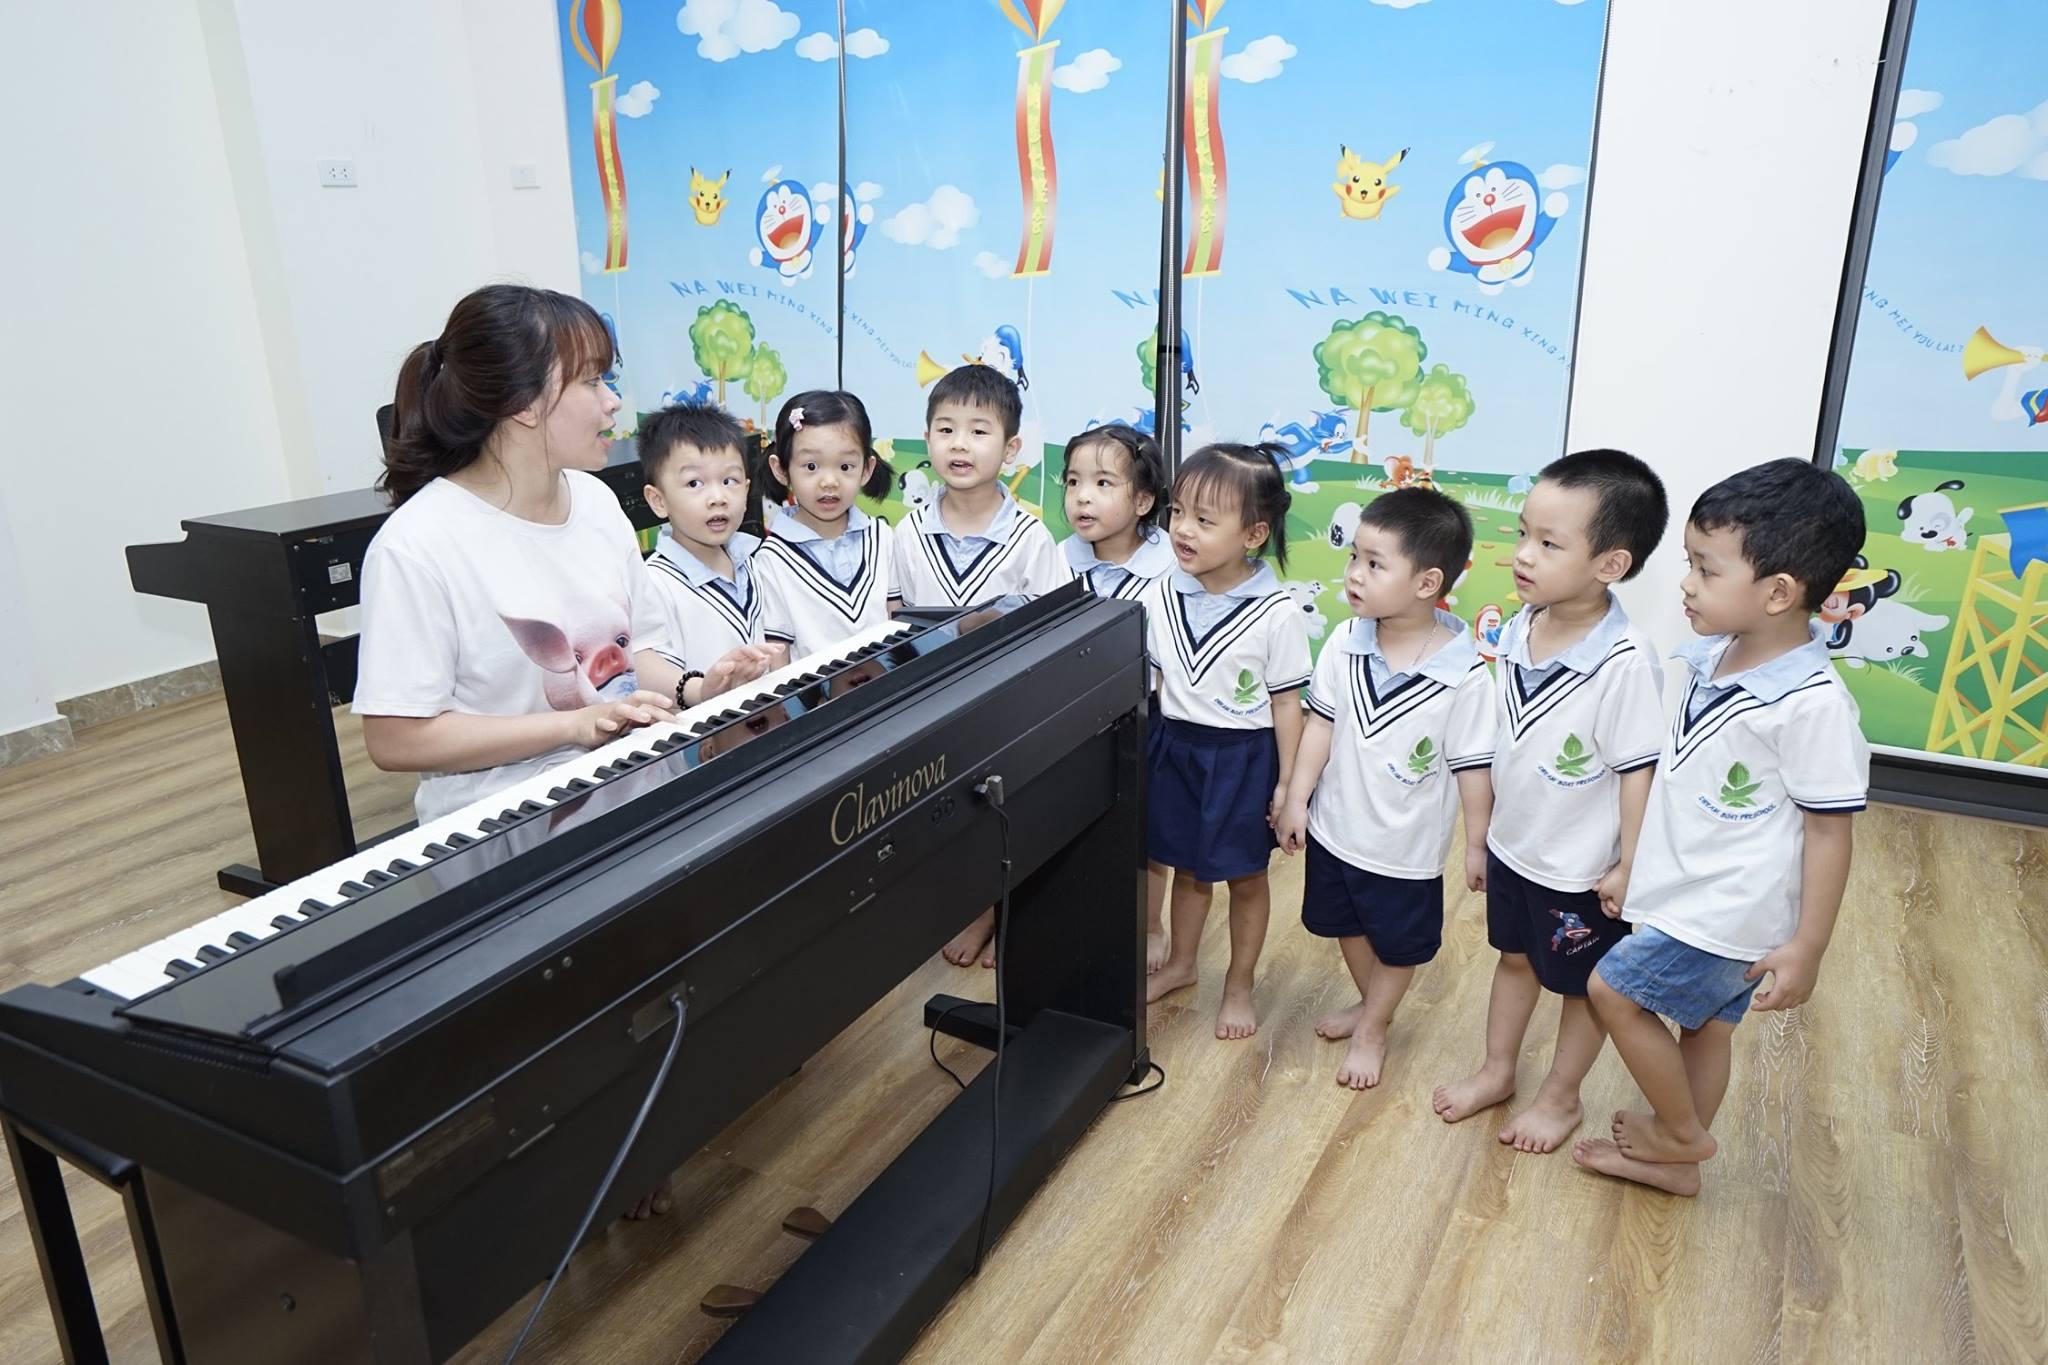 Trường mầm non Con Thuyền Ước Mơ ( Dream Boat) -  Lê Văn Lương